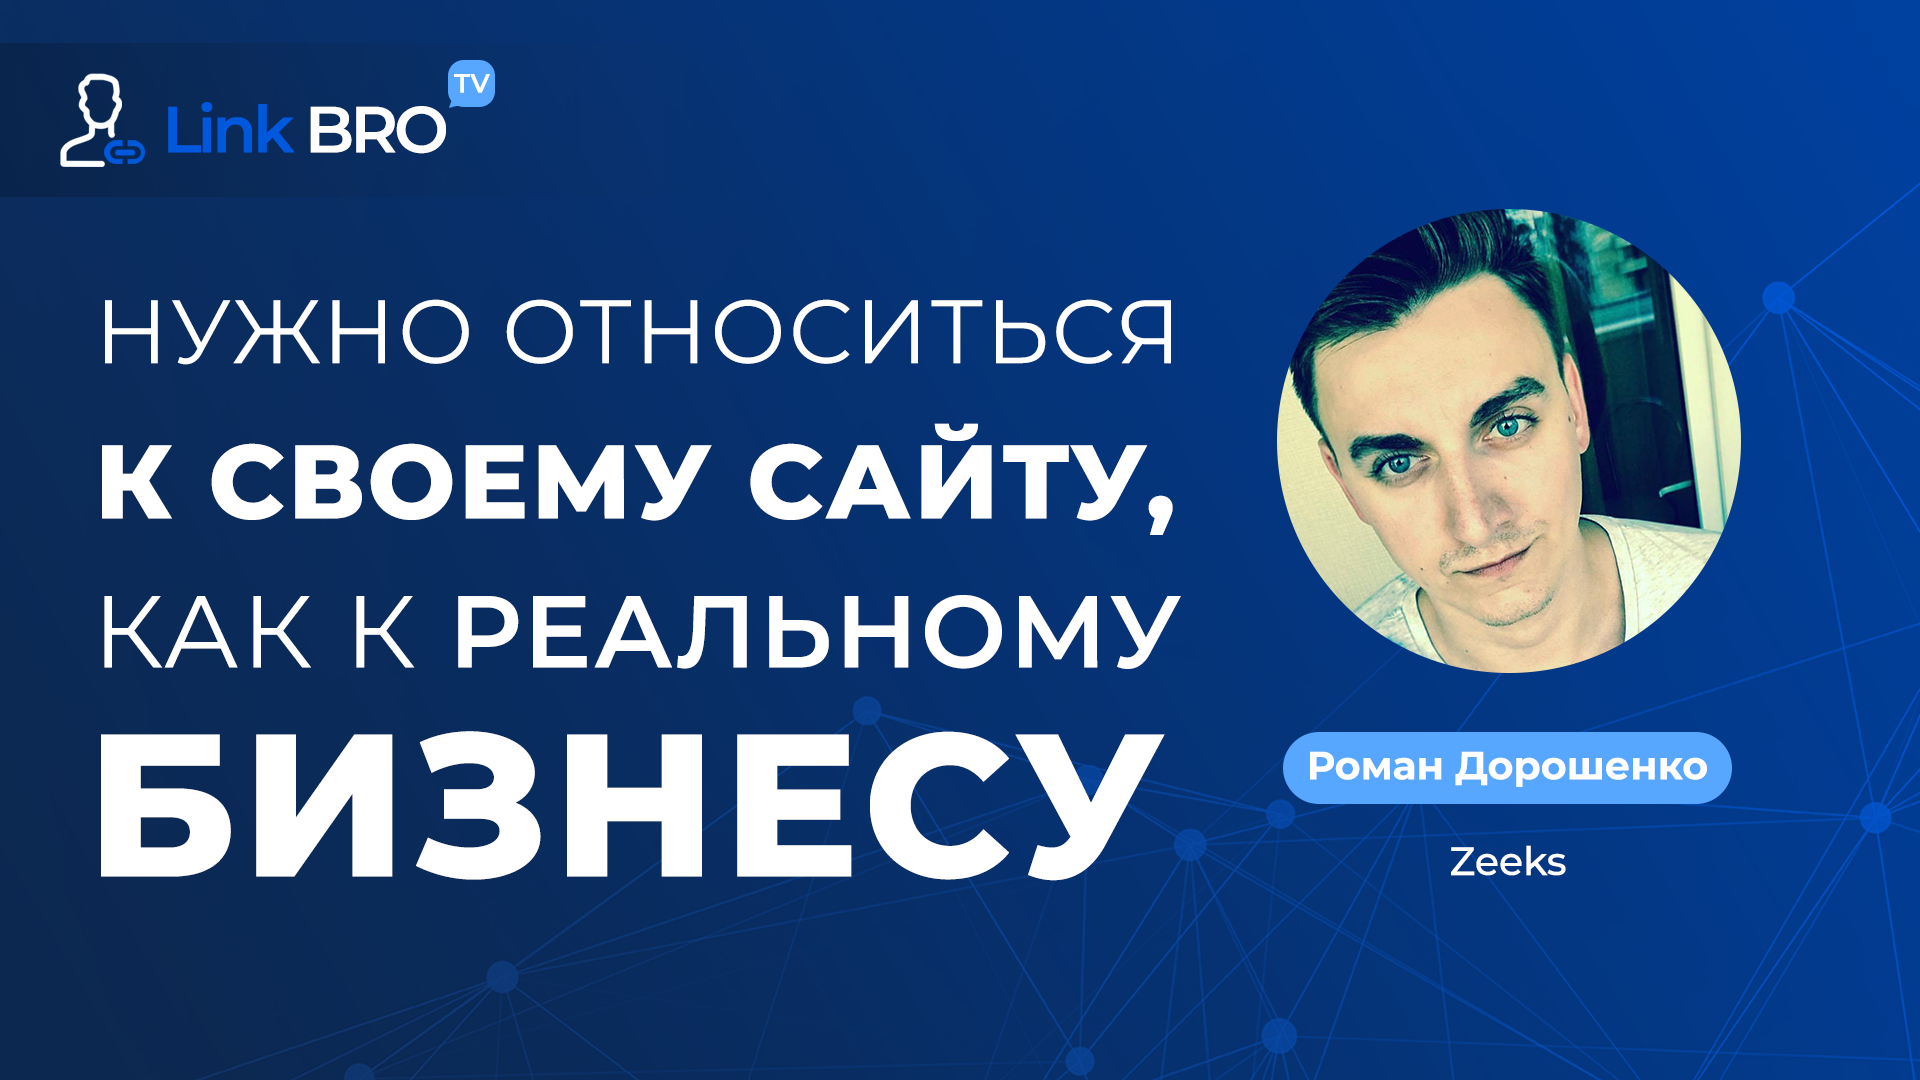 Роман Дорошенко (Zeeks) - Нужно относиться к своему сайту, как к реальному бизнесу